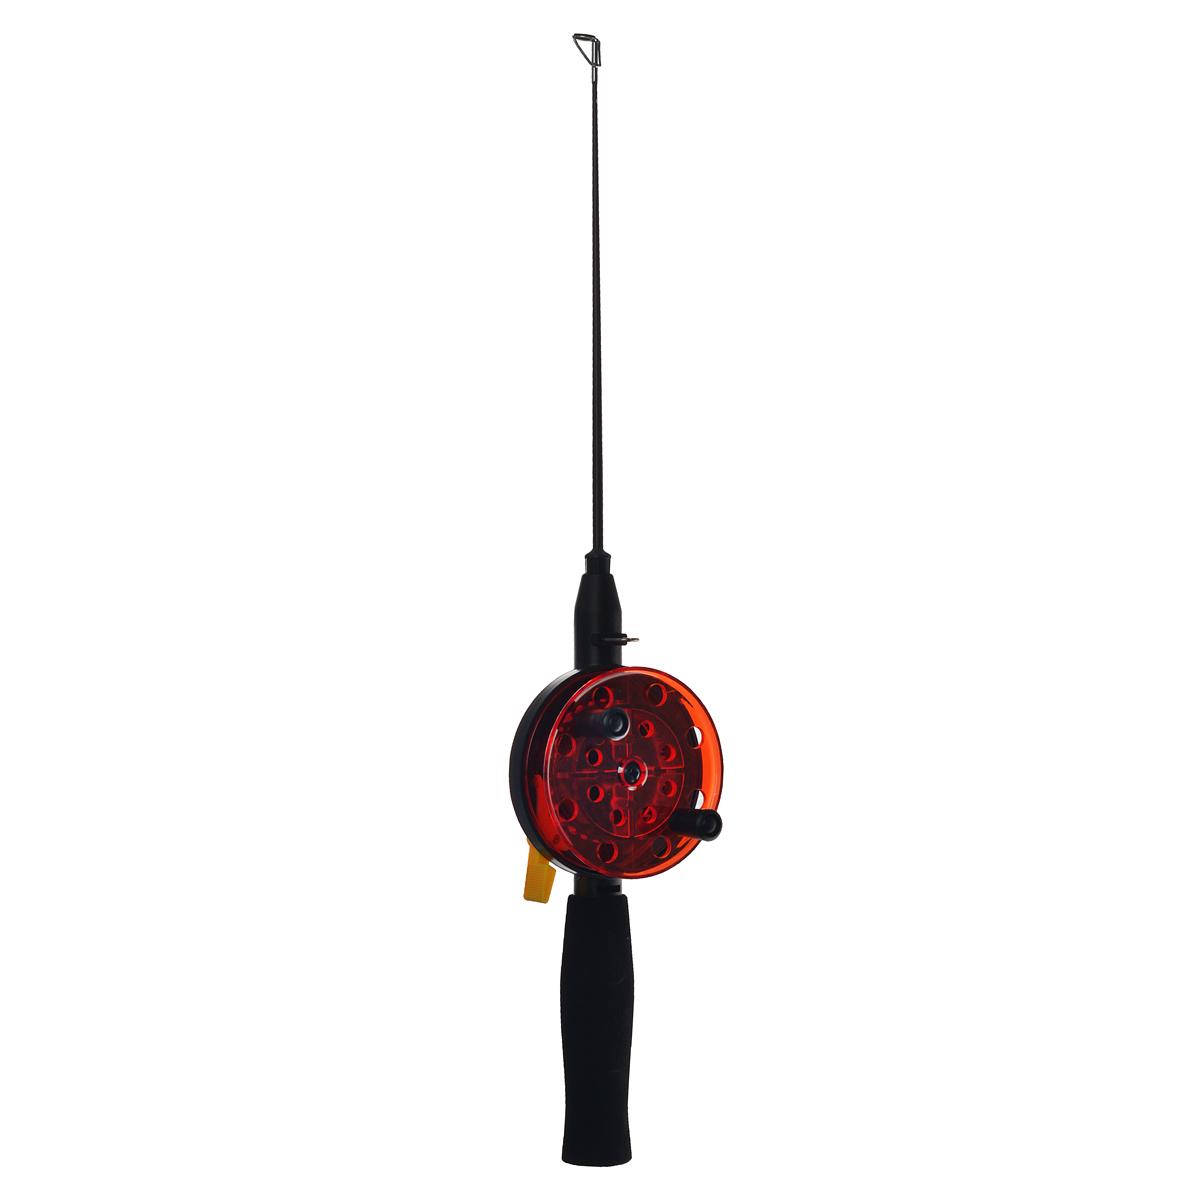 SWD Удочка зимняя SWD HR202, цвет: черный, красный, d 76 мм, ручка неопрен 10 см, хл-кар 20 см